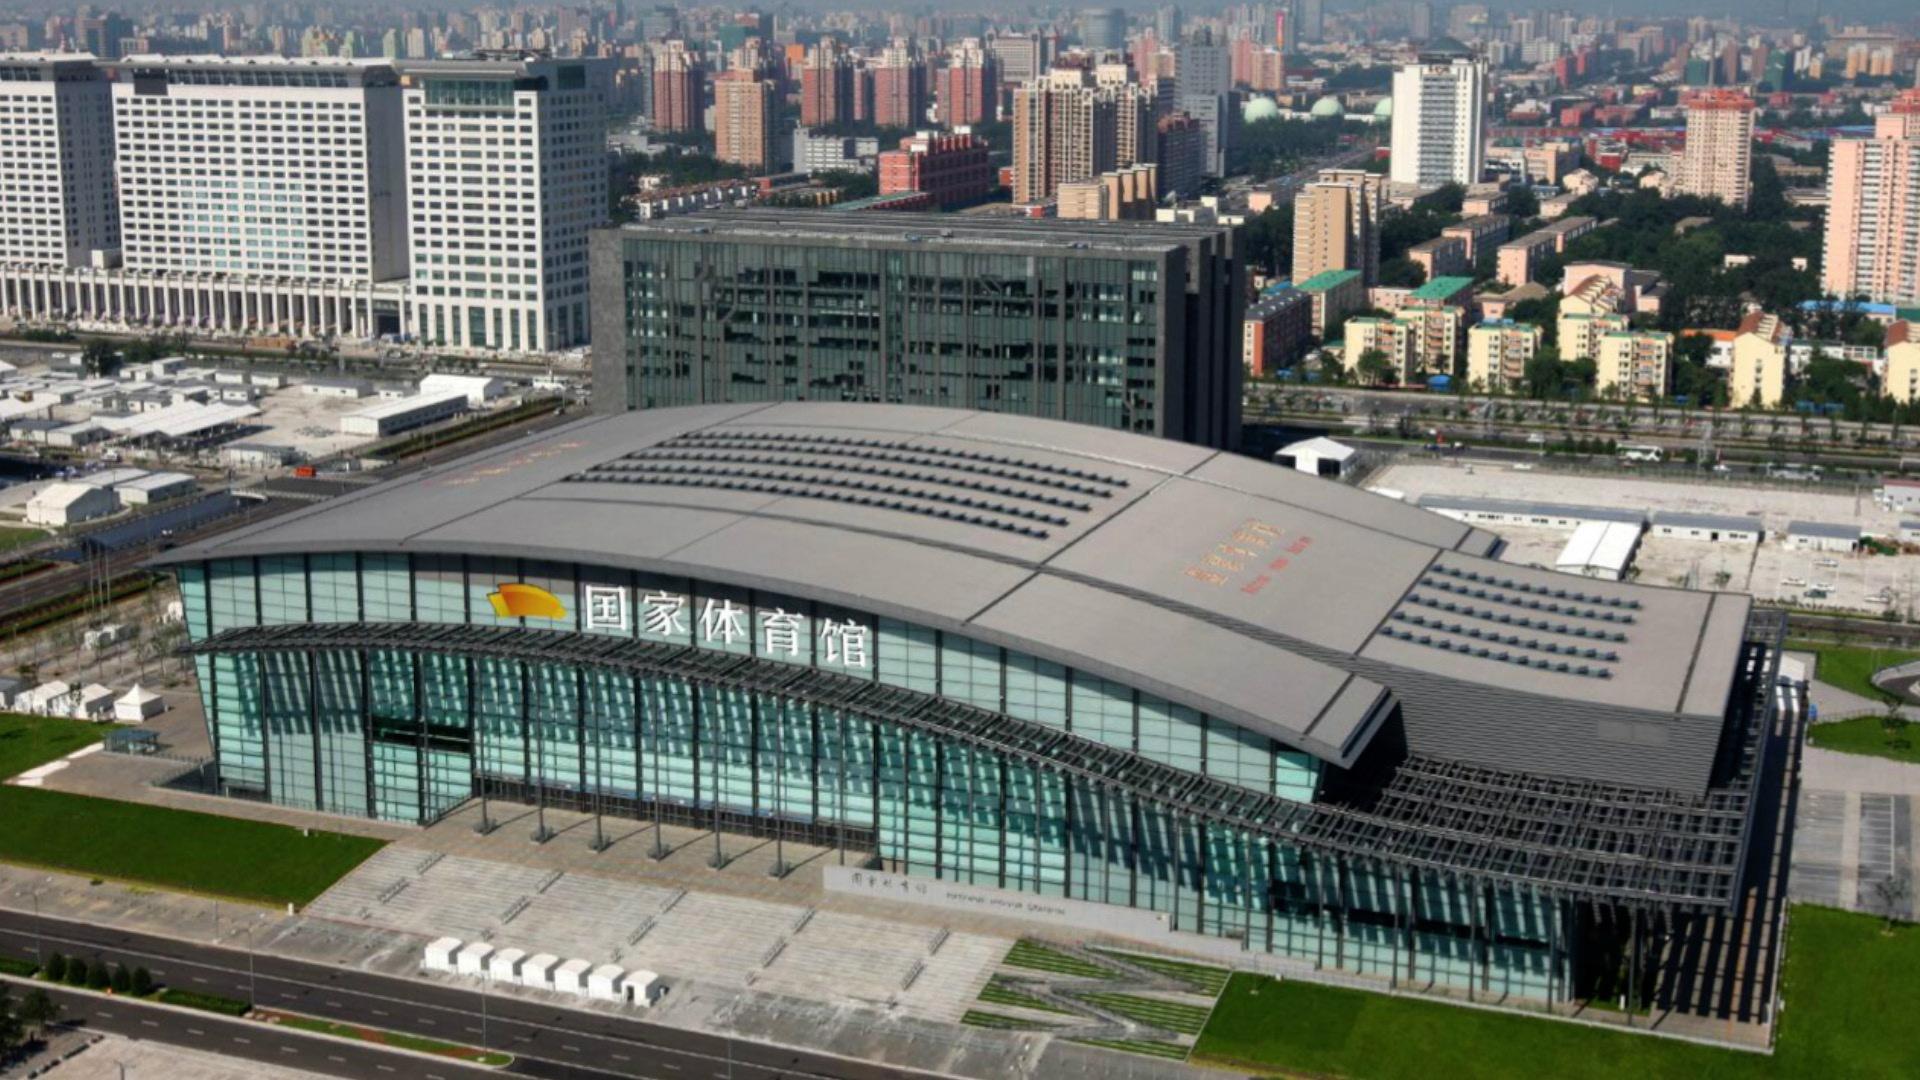 """北京冬奥会进阶""""场馆化""""所有竞赛场馆实现一线办公图片"""